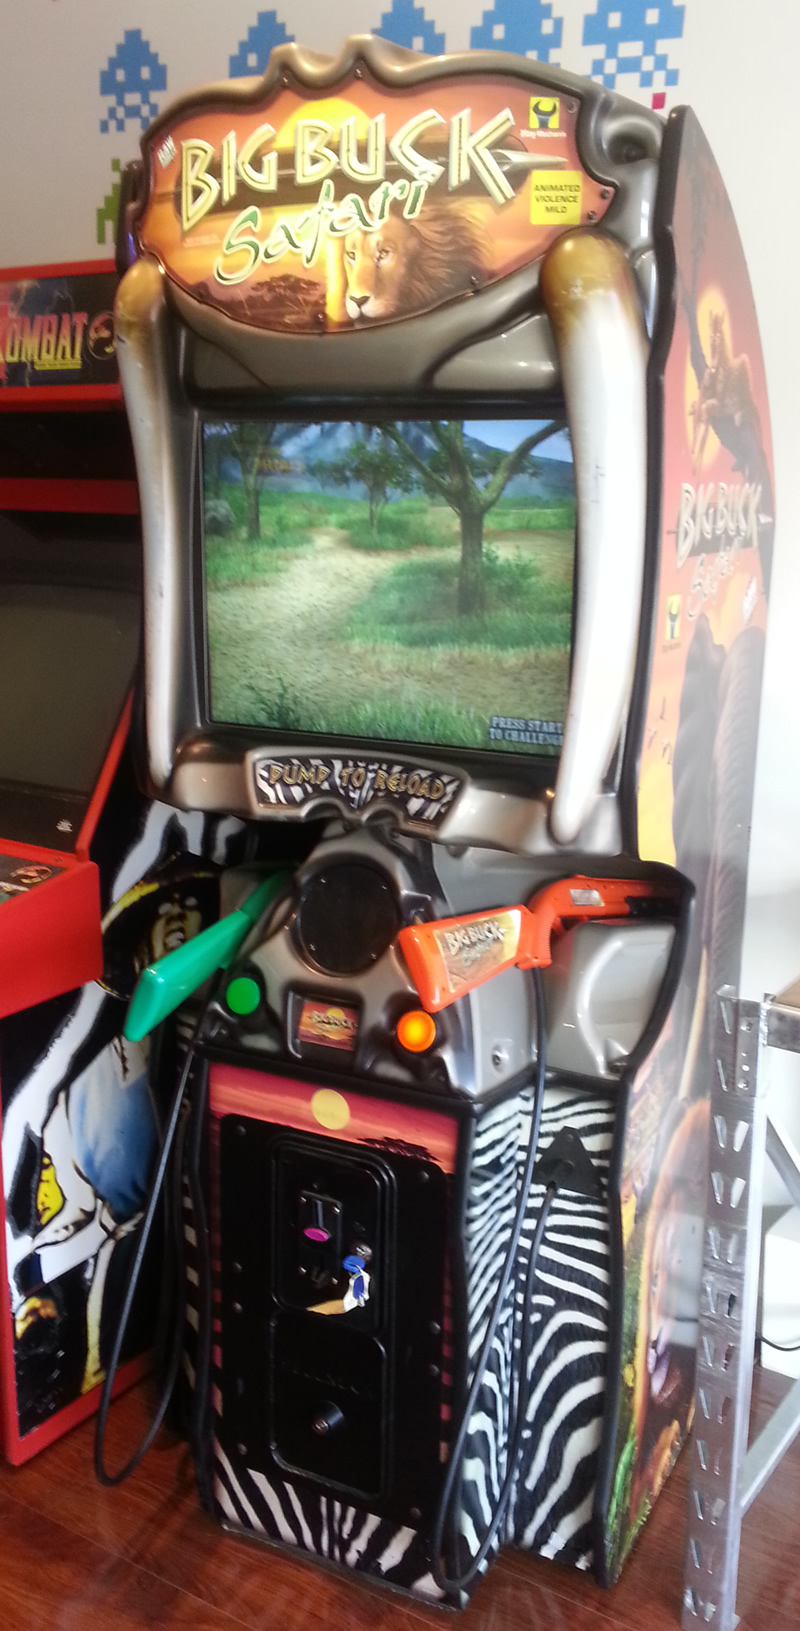 Big Buck Safari review at The Game Grid Arcade, Utah - YouTube